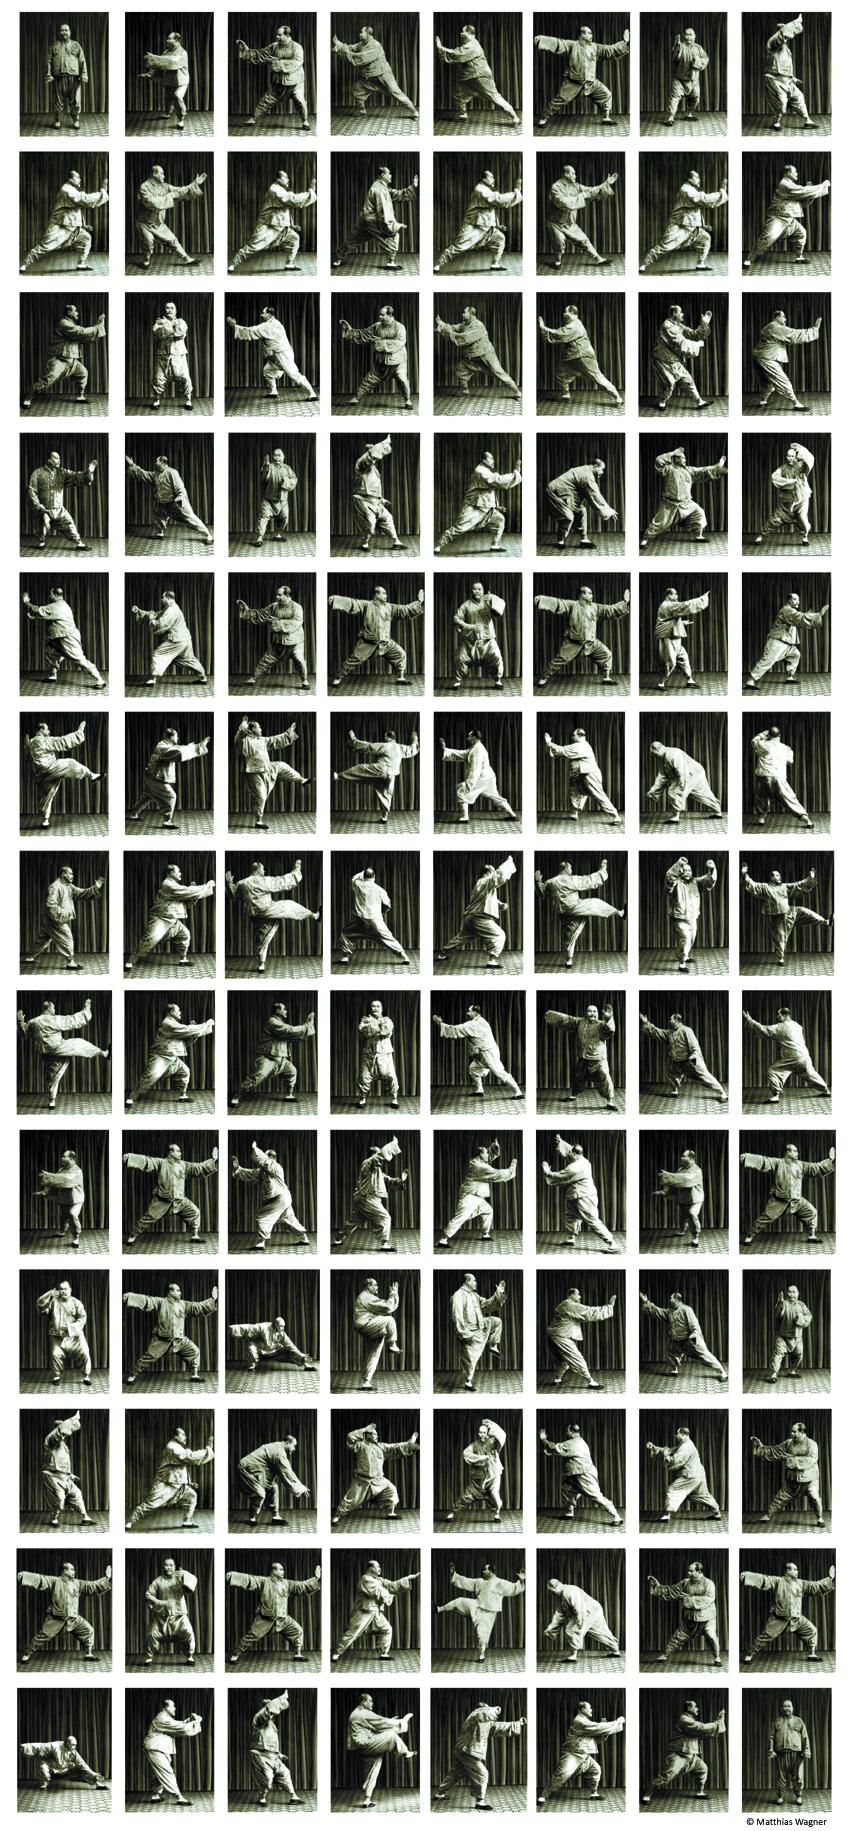 Yang Tai Chi Form Visual | Baltimore Chigong & Kung Fu